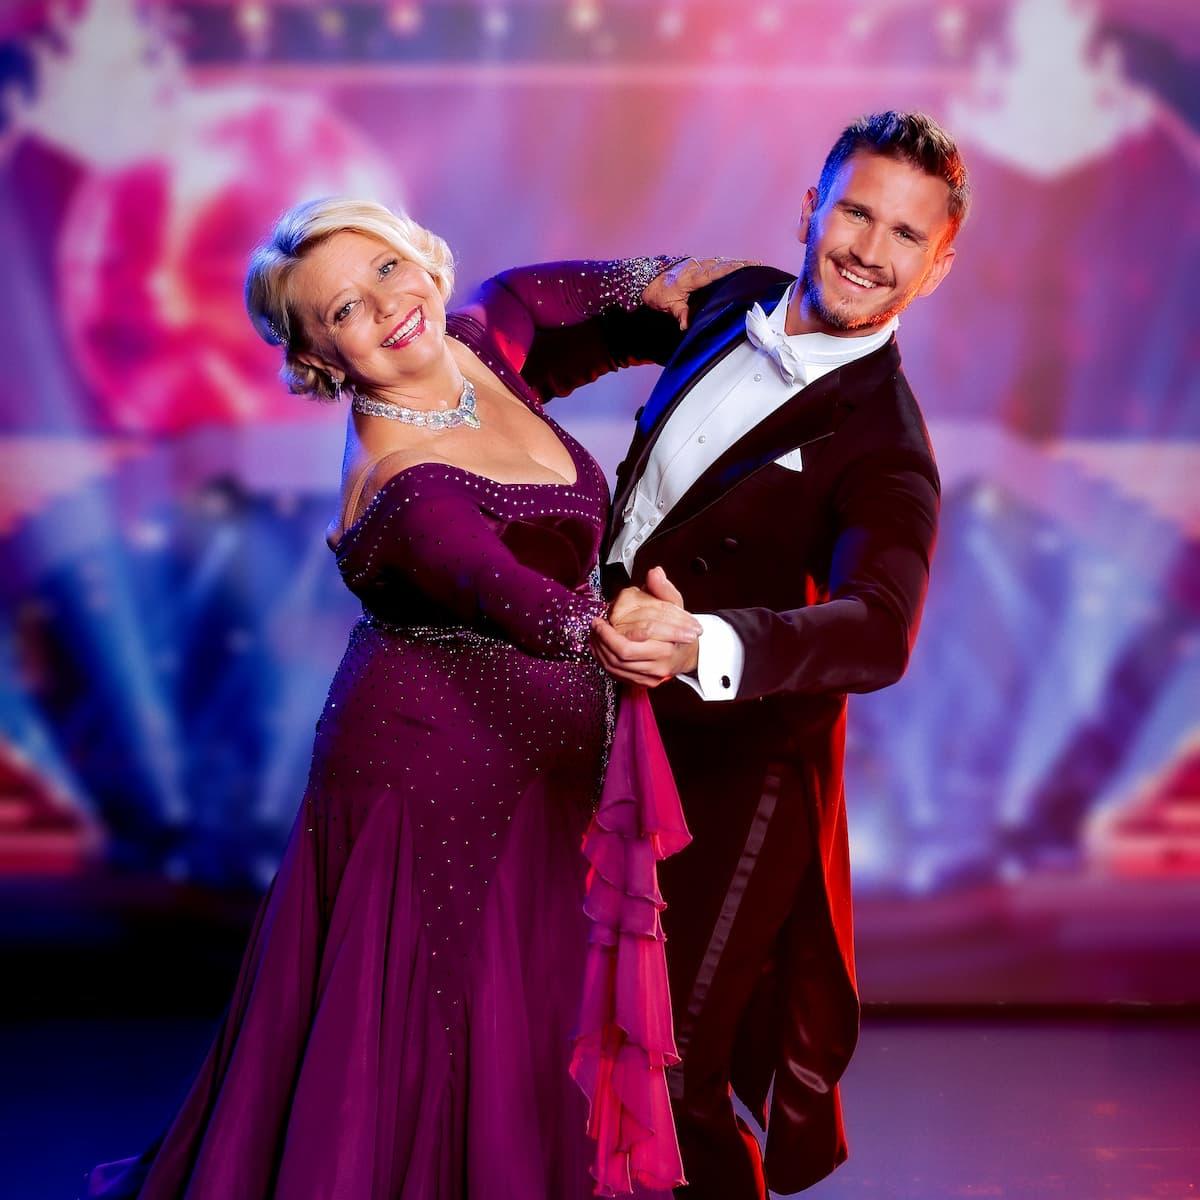 Margarethe Tiesel und Michael Kaufmann bei den Dancing Stars 24.9.2021